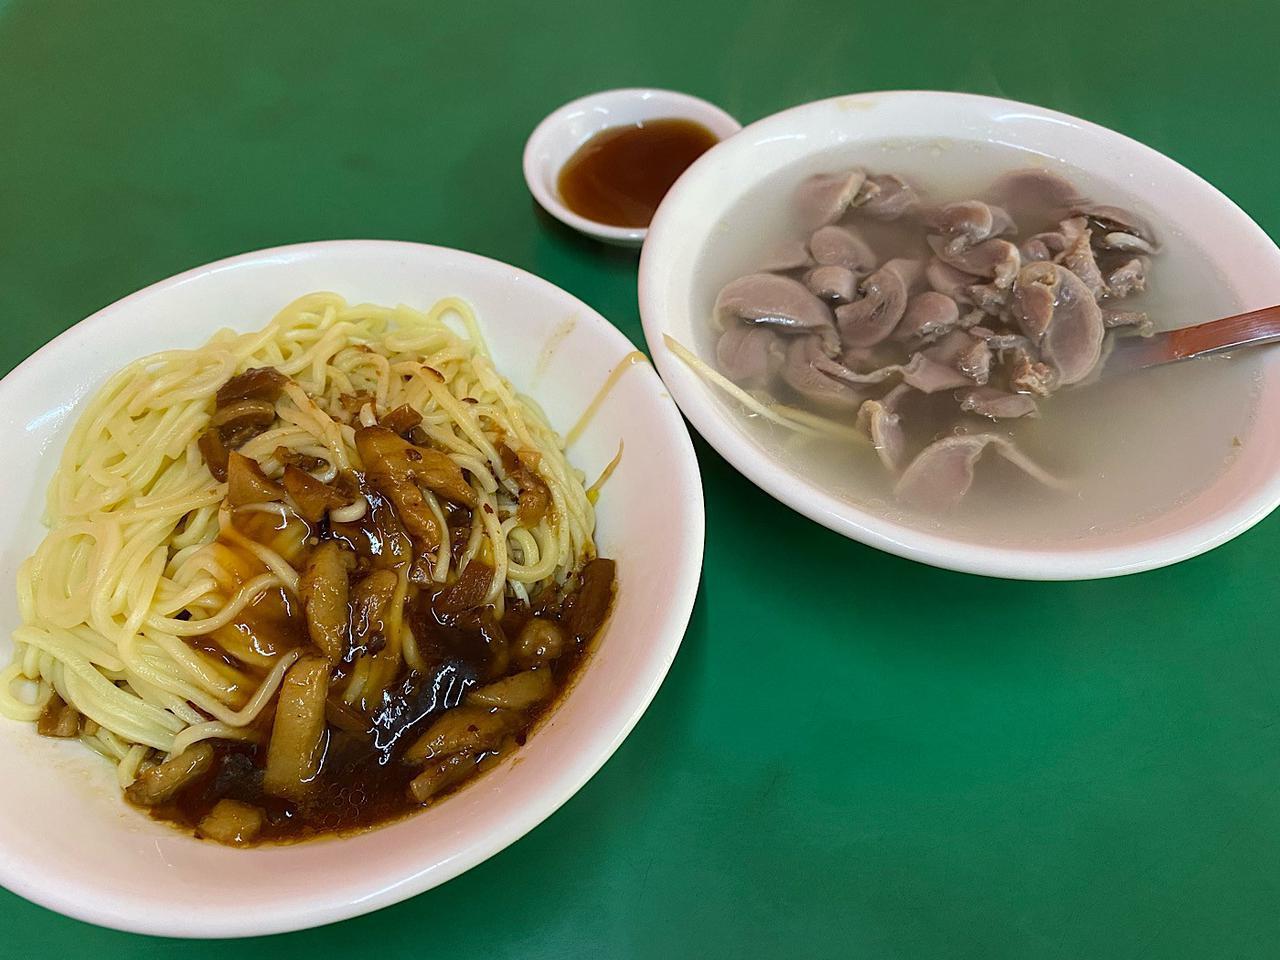 画像: 乾麺と下水湯(砂肝スープ)/弊社スタッフ小笠撮影(2020年2月)